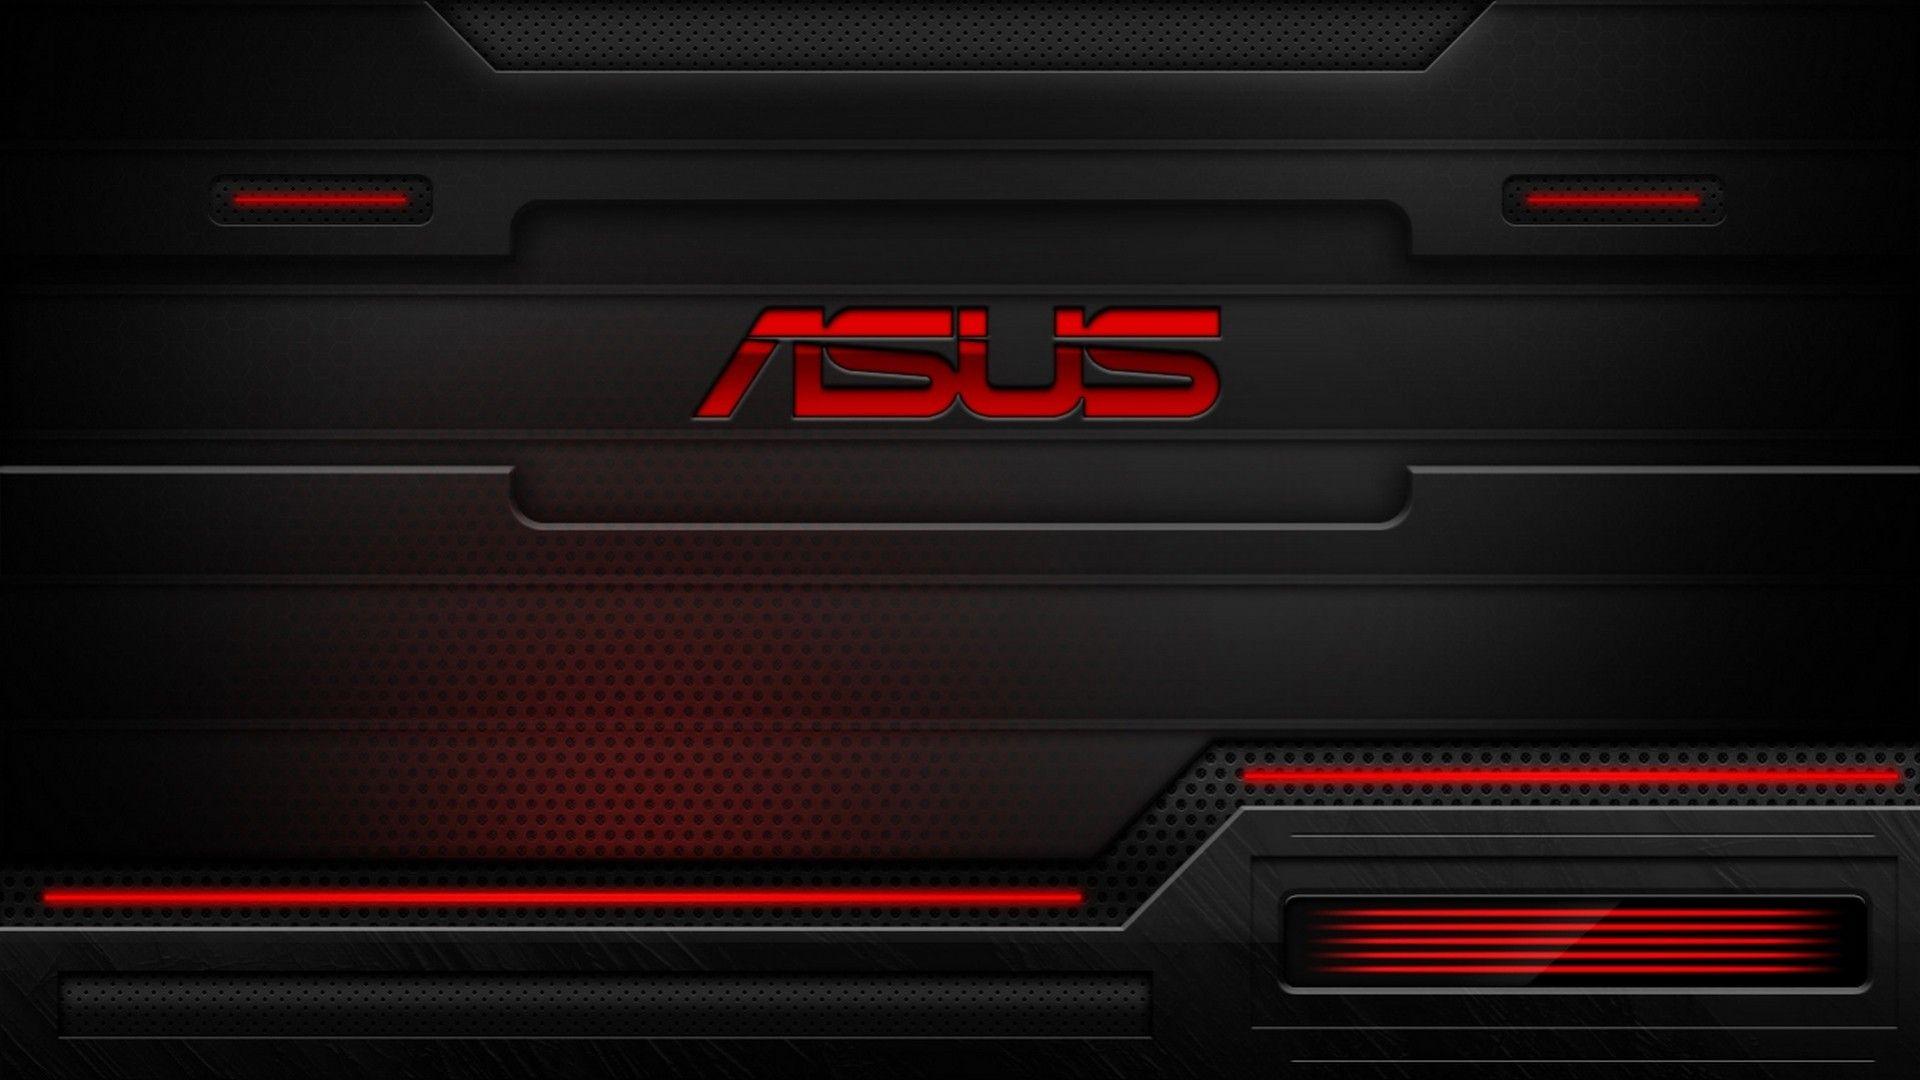 Asus Black and Red HD Wallpaper Hd wallpaper, Destop